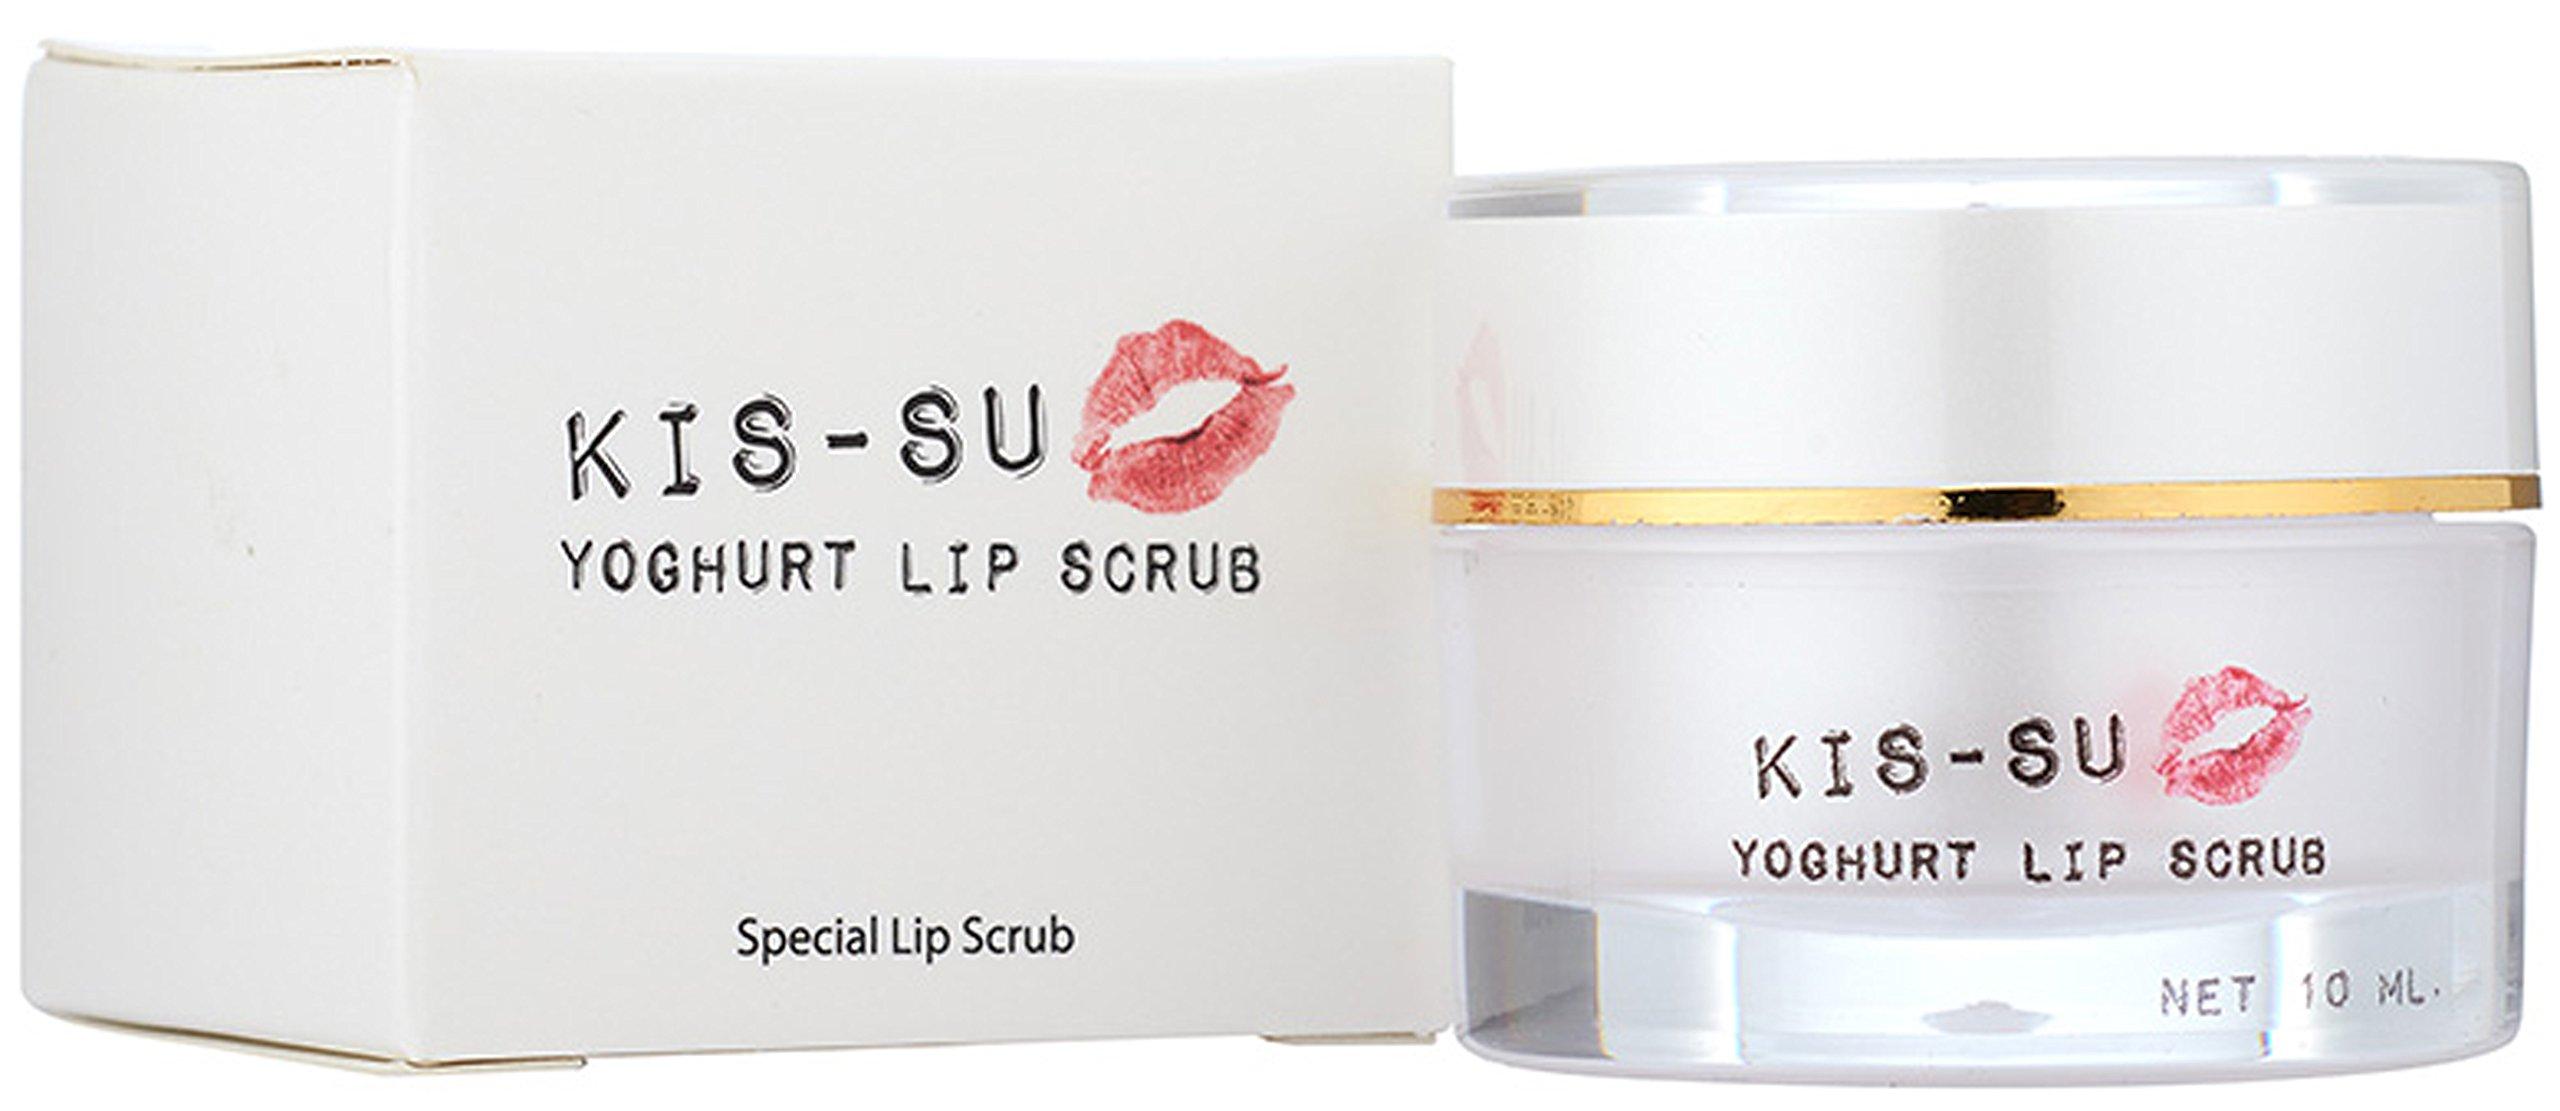 Yoghurt Sugar Lip Balm Scrub Exfoliator Extract Yogurt for dry lip - the Balm treatment with Sugar scruber + Hydrolysed Collagen and Vitamin C (0.35oz)